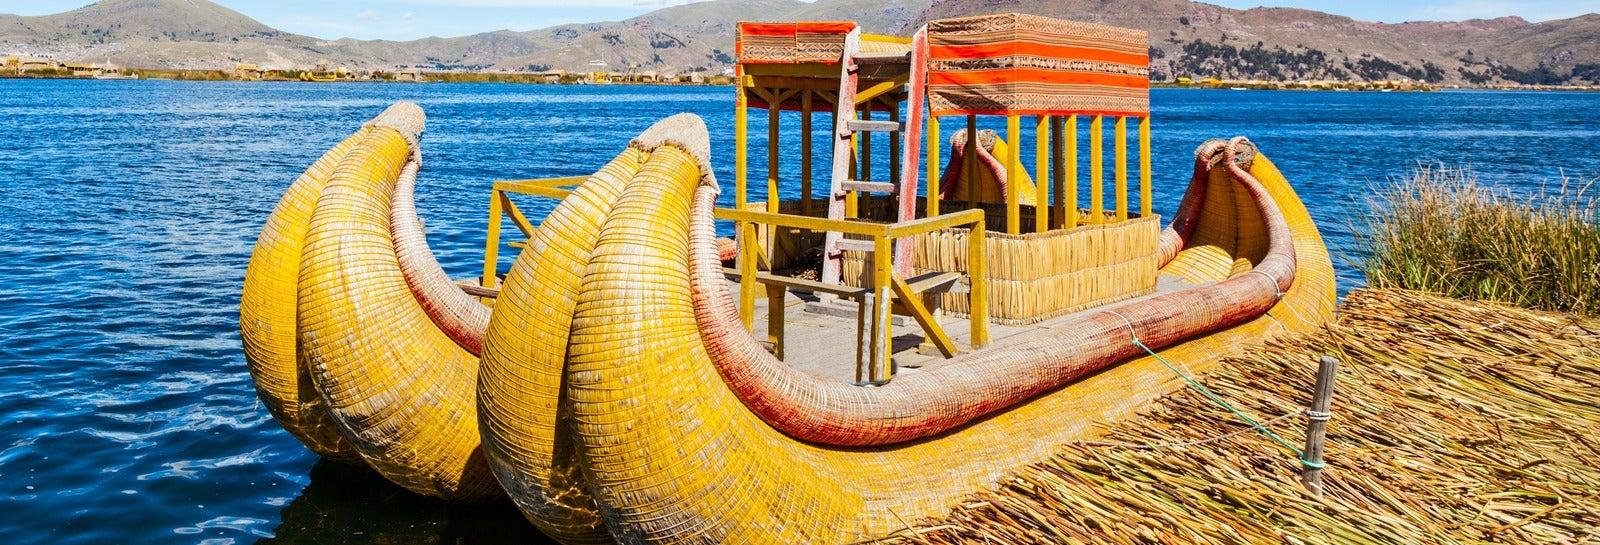 Excursão privada às ilhas dos Uros de barco tradicional